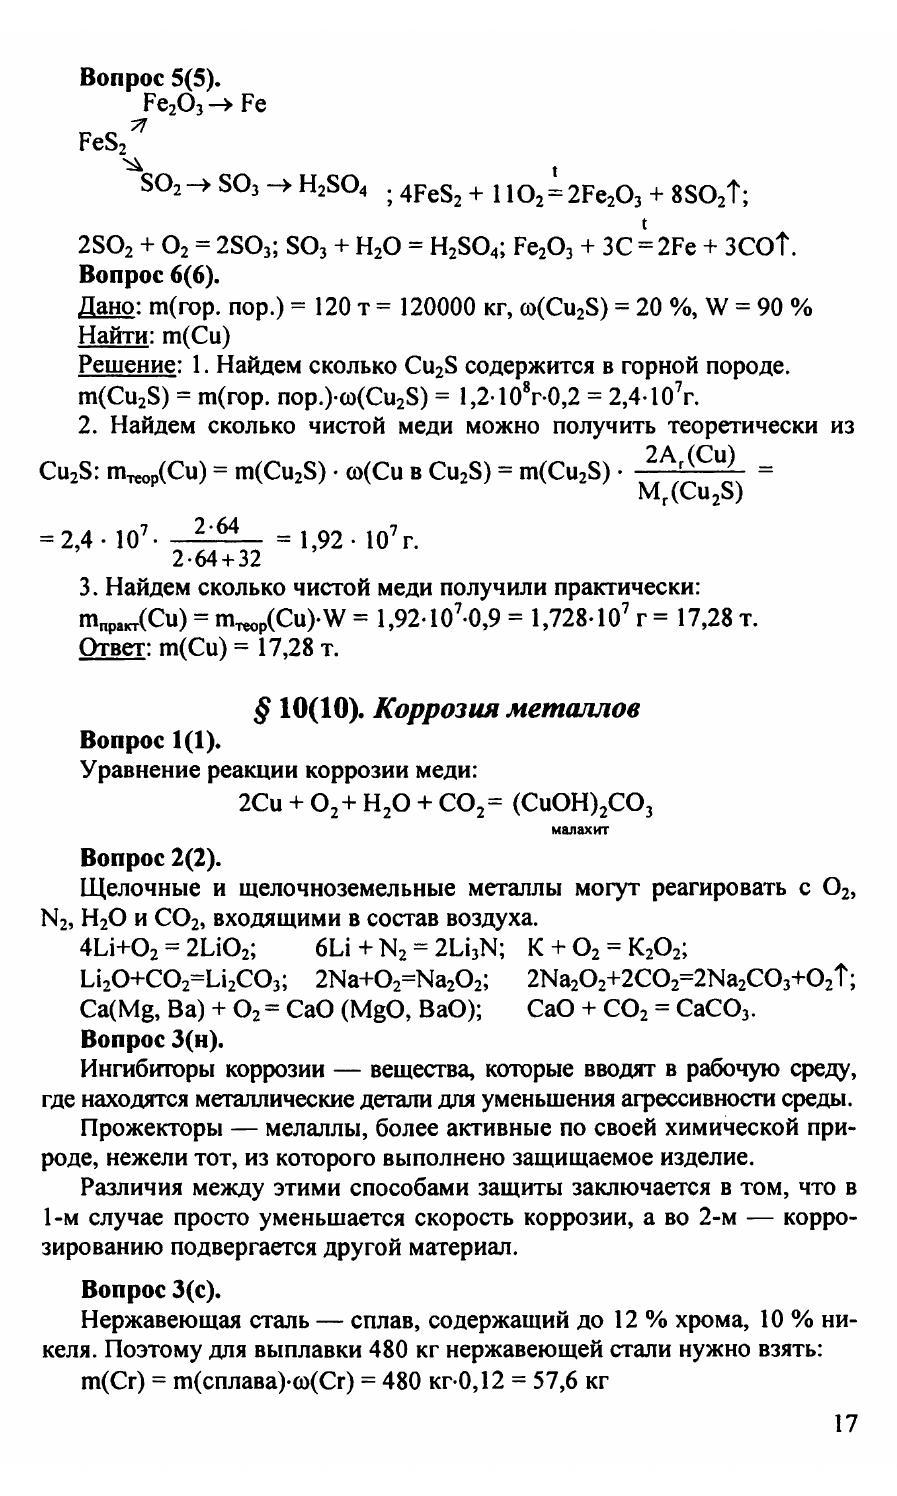 Гдз для учебника химии, габриелян, 2002г